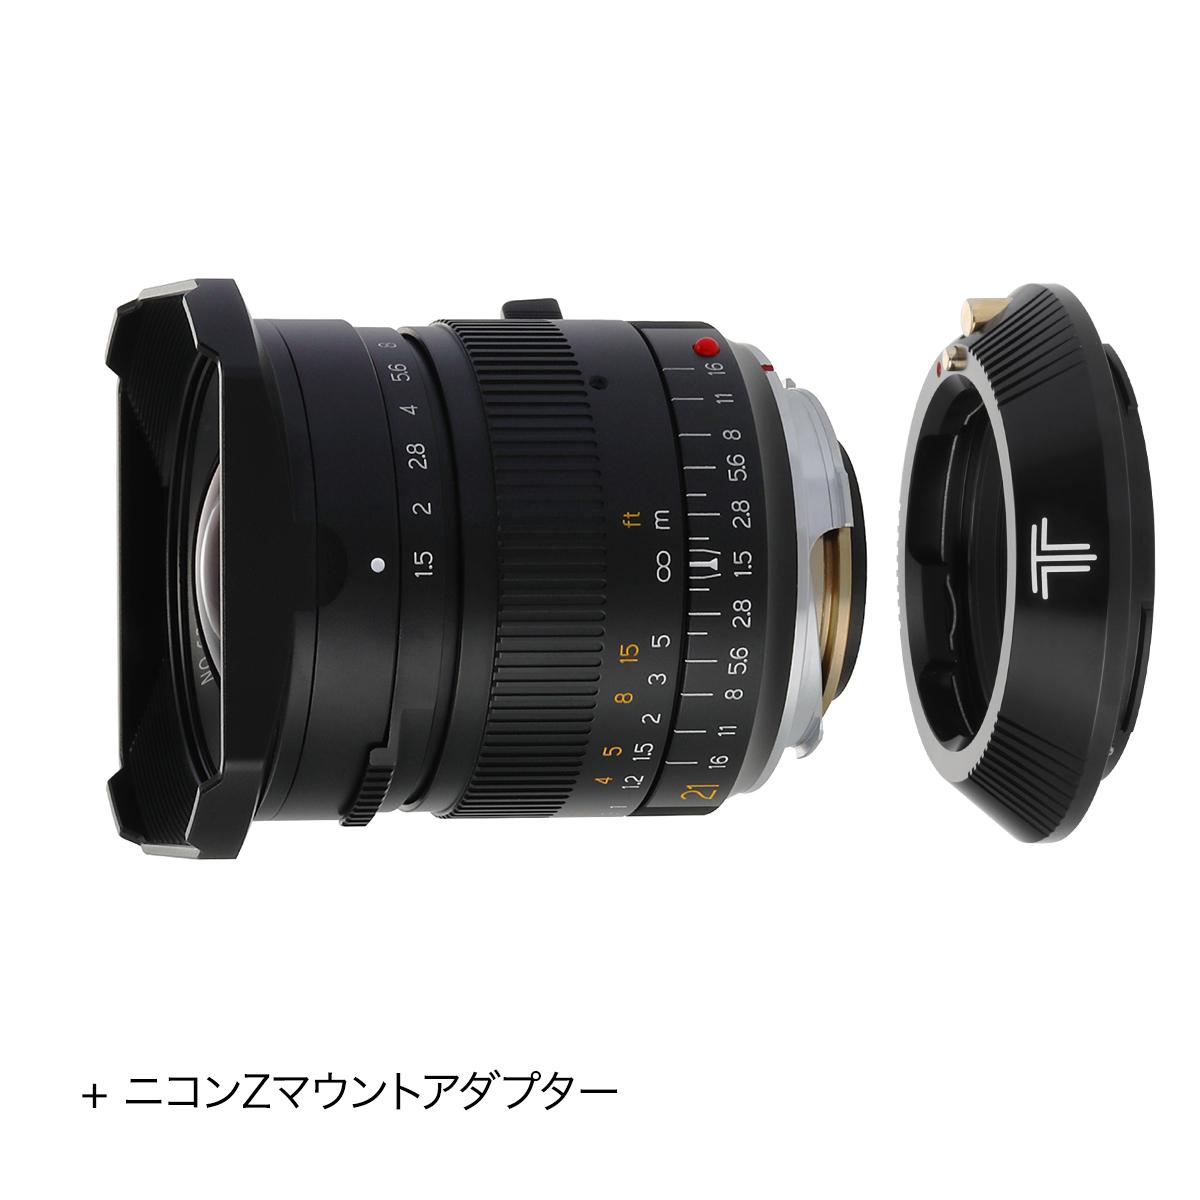 銘匠光学 TTArtisan 21mm f/1.5 ASPH + マウントアダプター セット